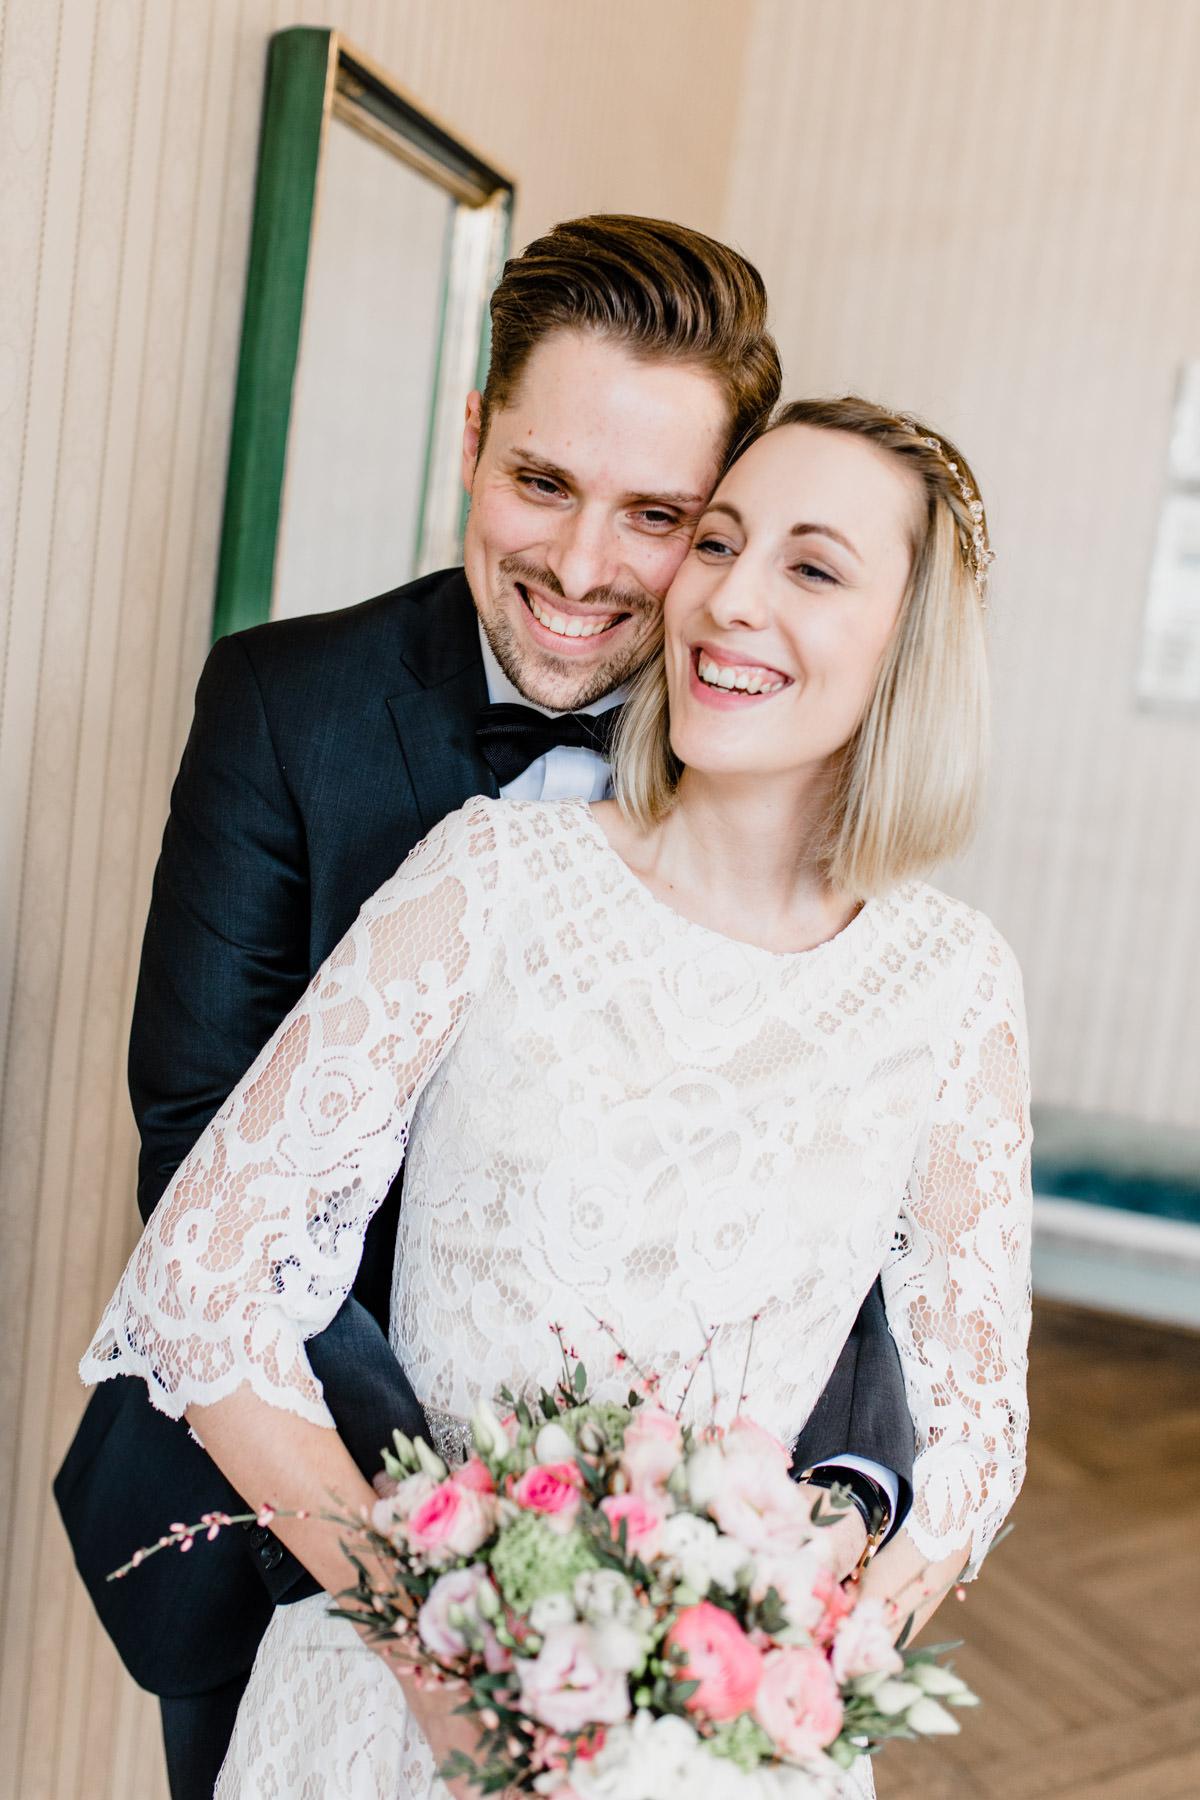 Stilvolles Portrait eines frisch verheirateten Paares